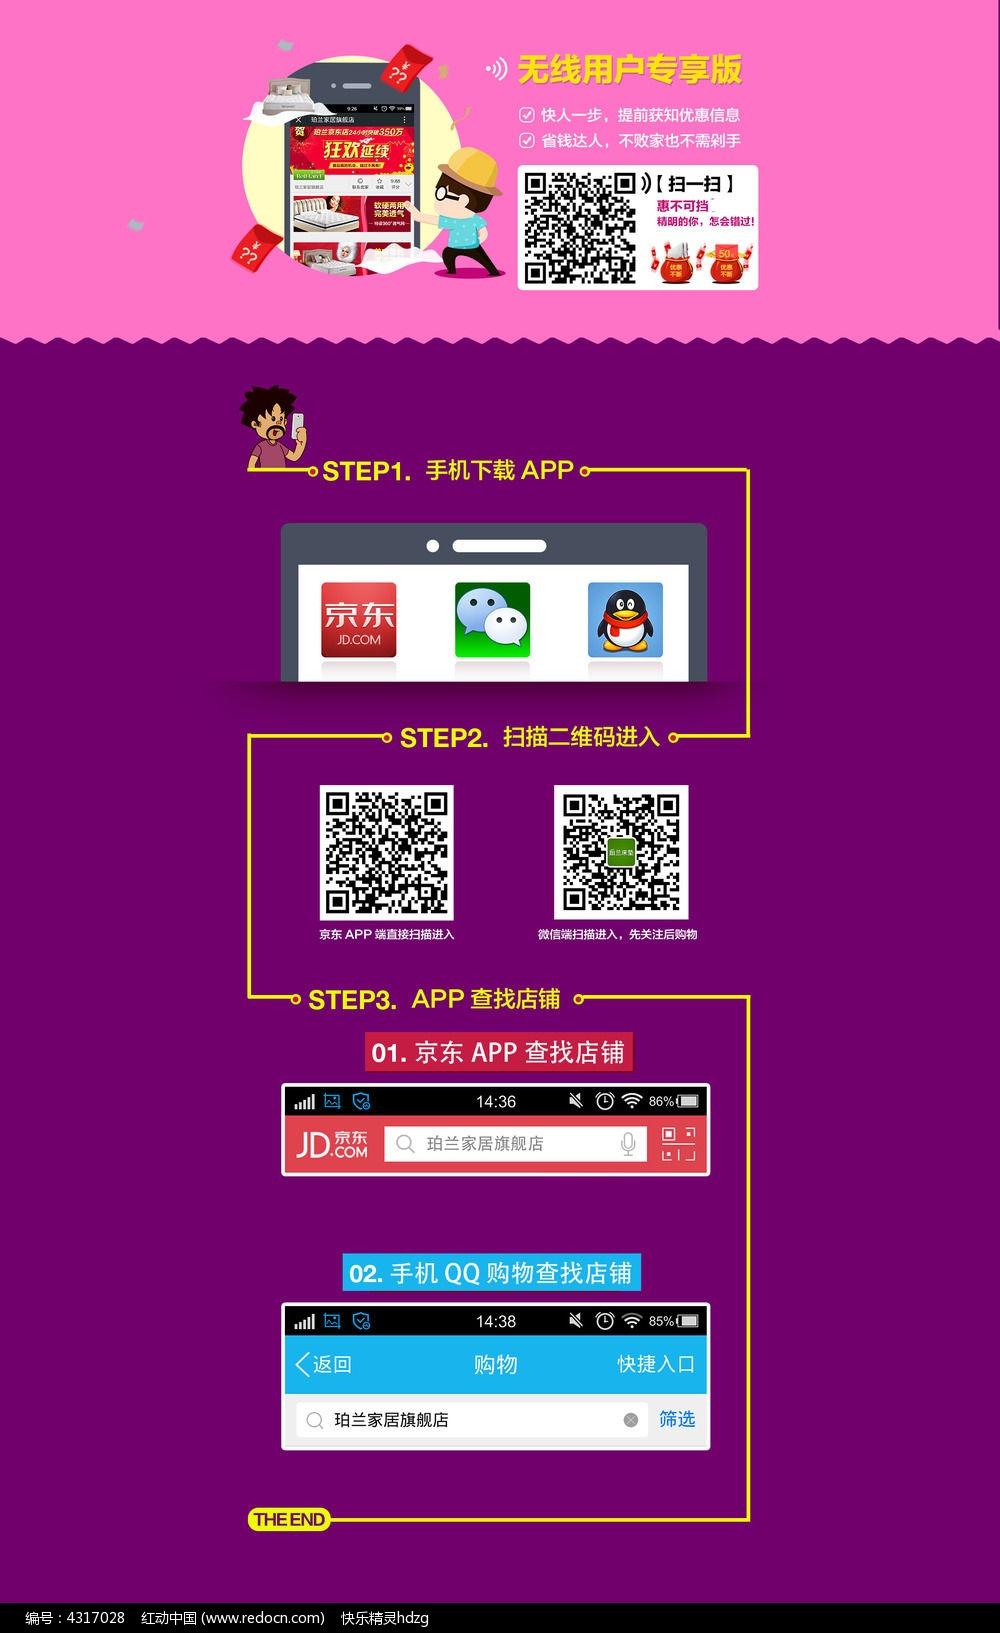 微信宣传专题页模板设计